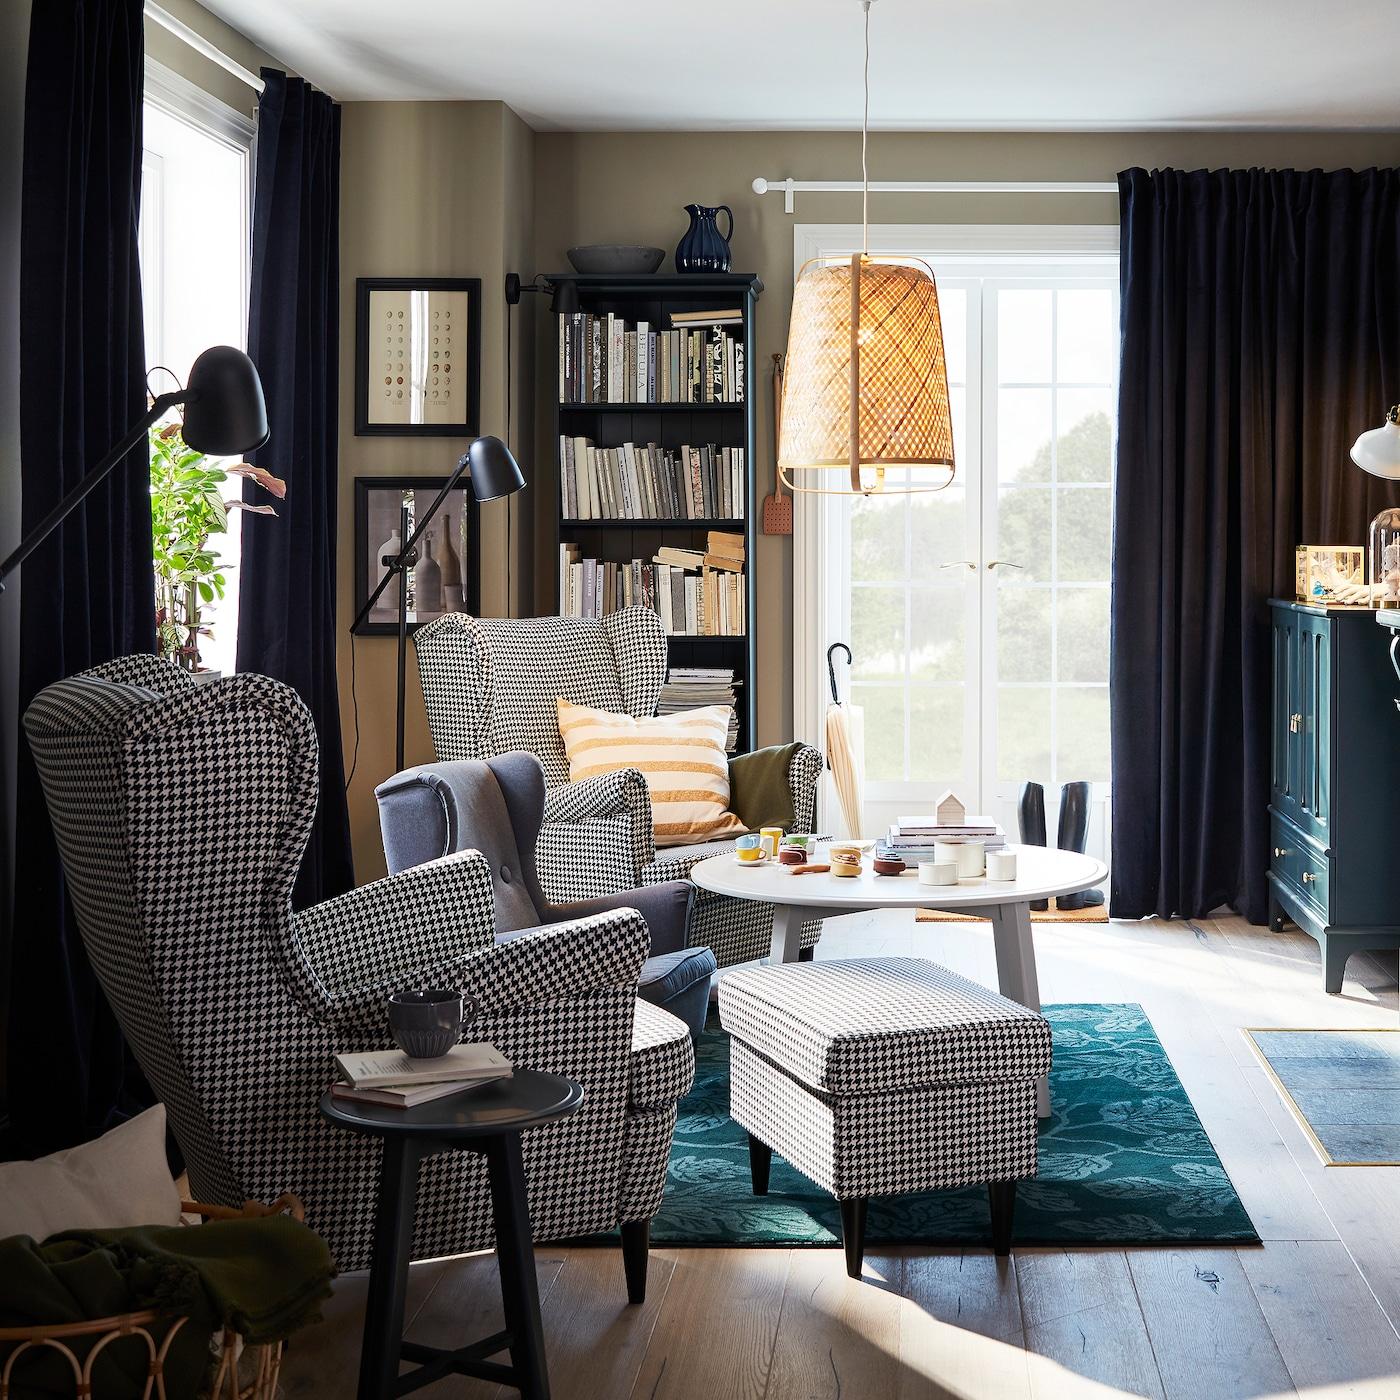 Vardagsrum med två hundtandsmönstrade öronlappsfåtöljer, grön matta, taklampa i bambu och runt soffbord.